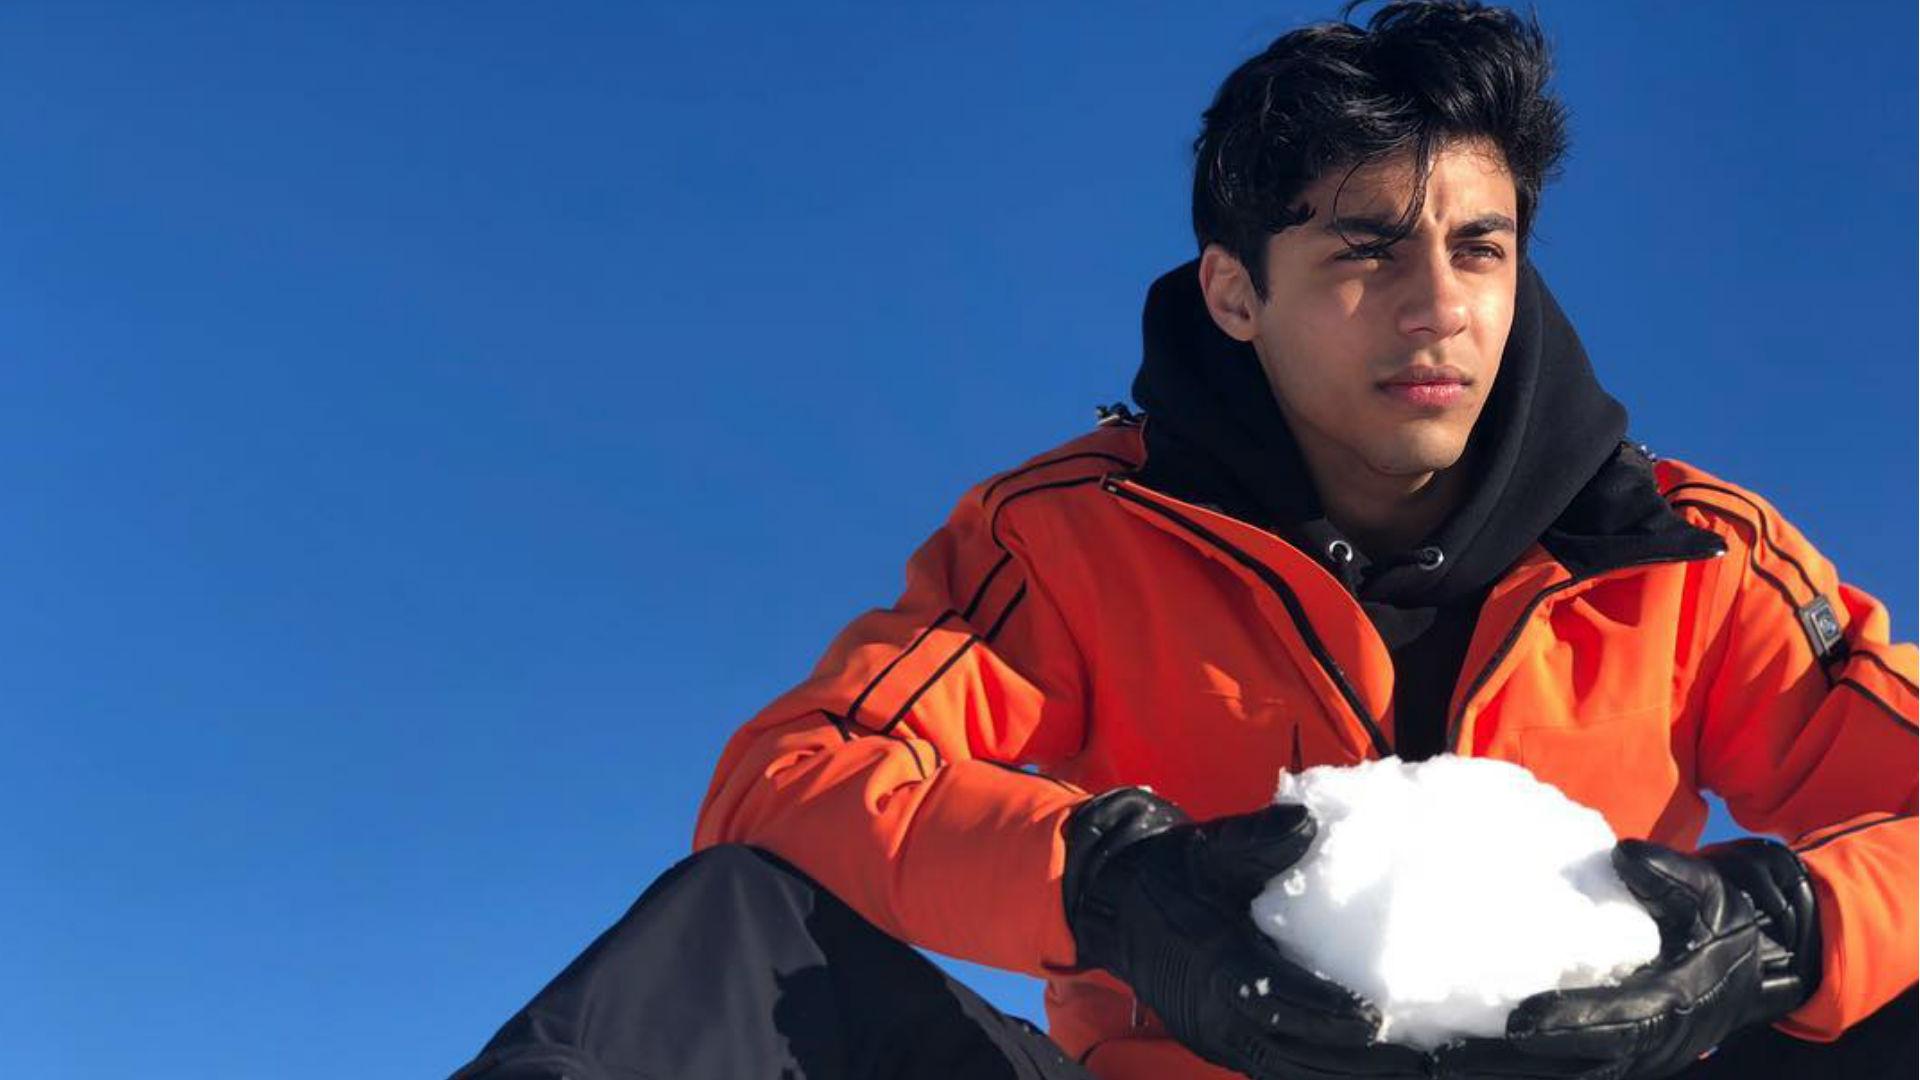 शाहरुख खान के बेटे आर्यन खान को हुआ प्यार! जानिए लंदन की ब्लॉगर है या बॉलीवुड की कोई एक्ट्रेस?